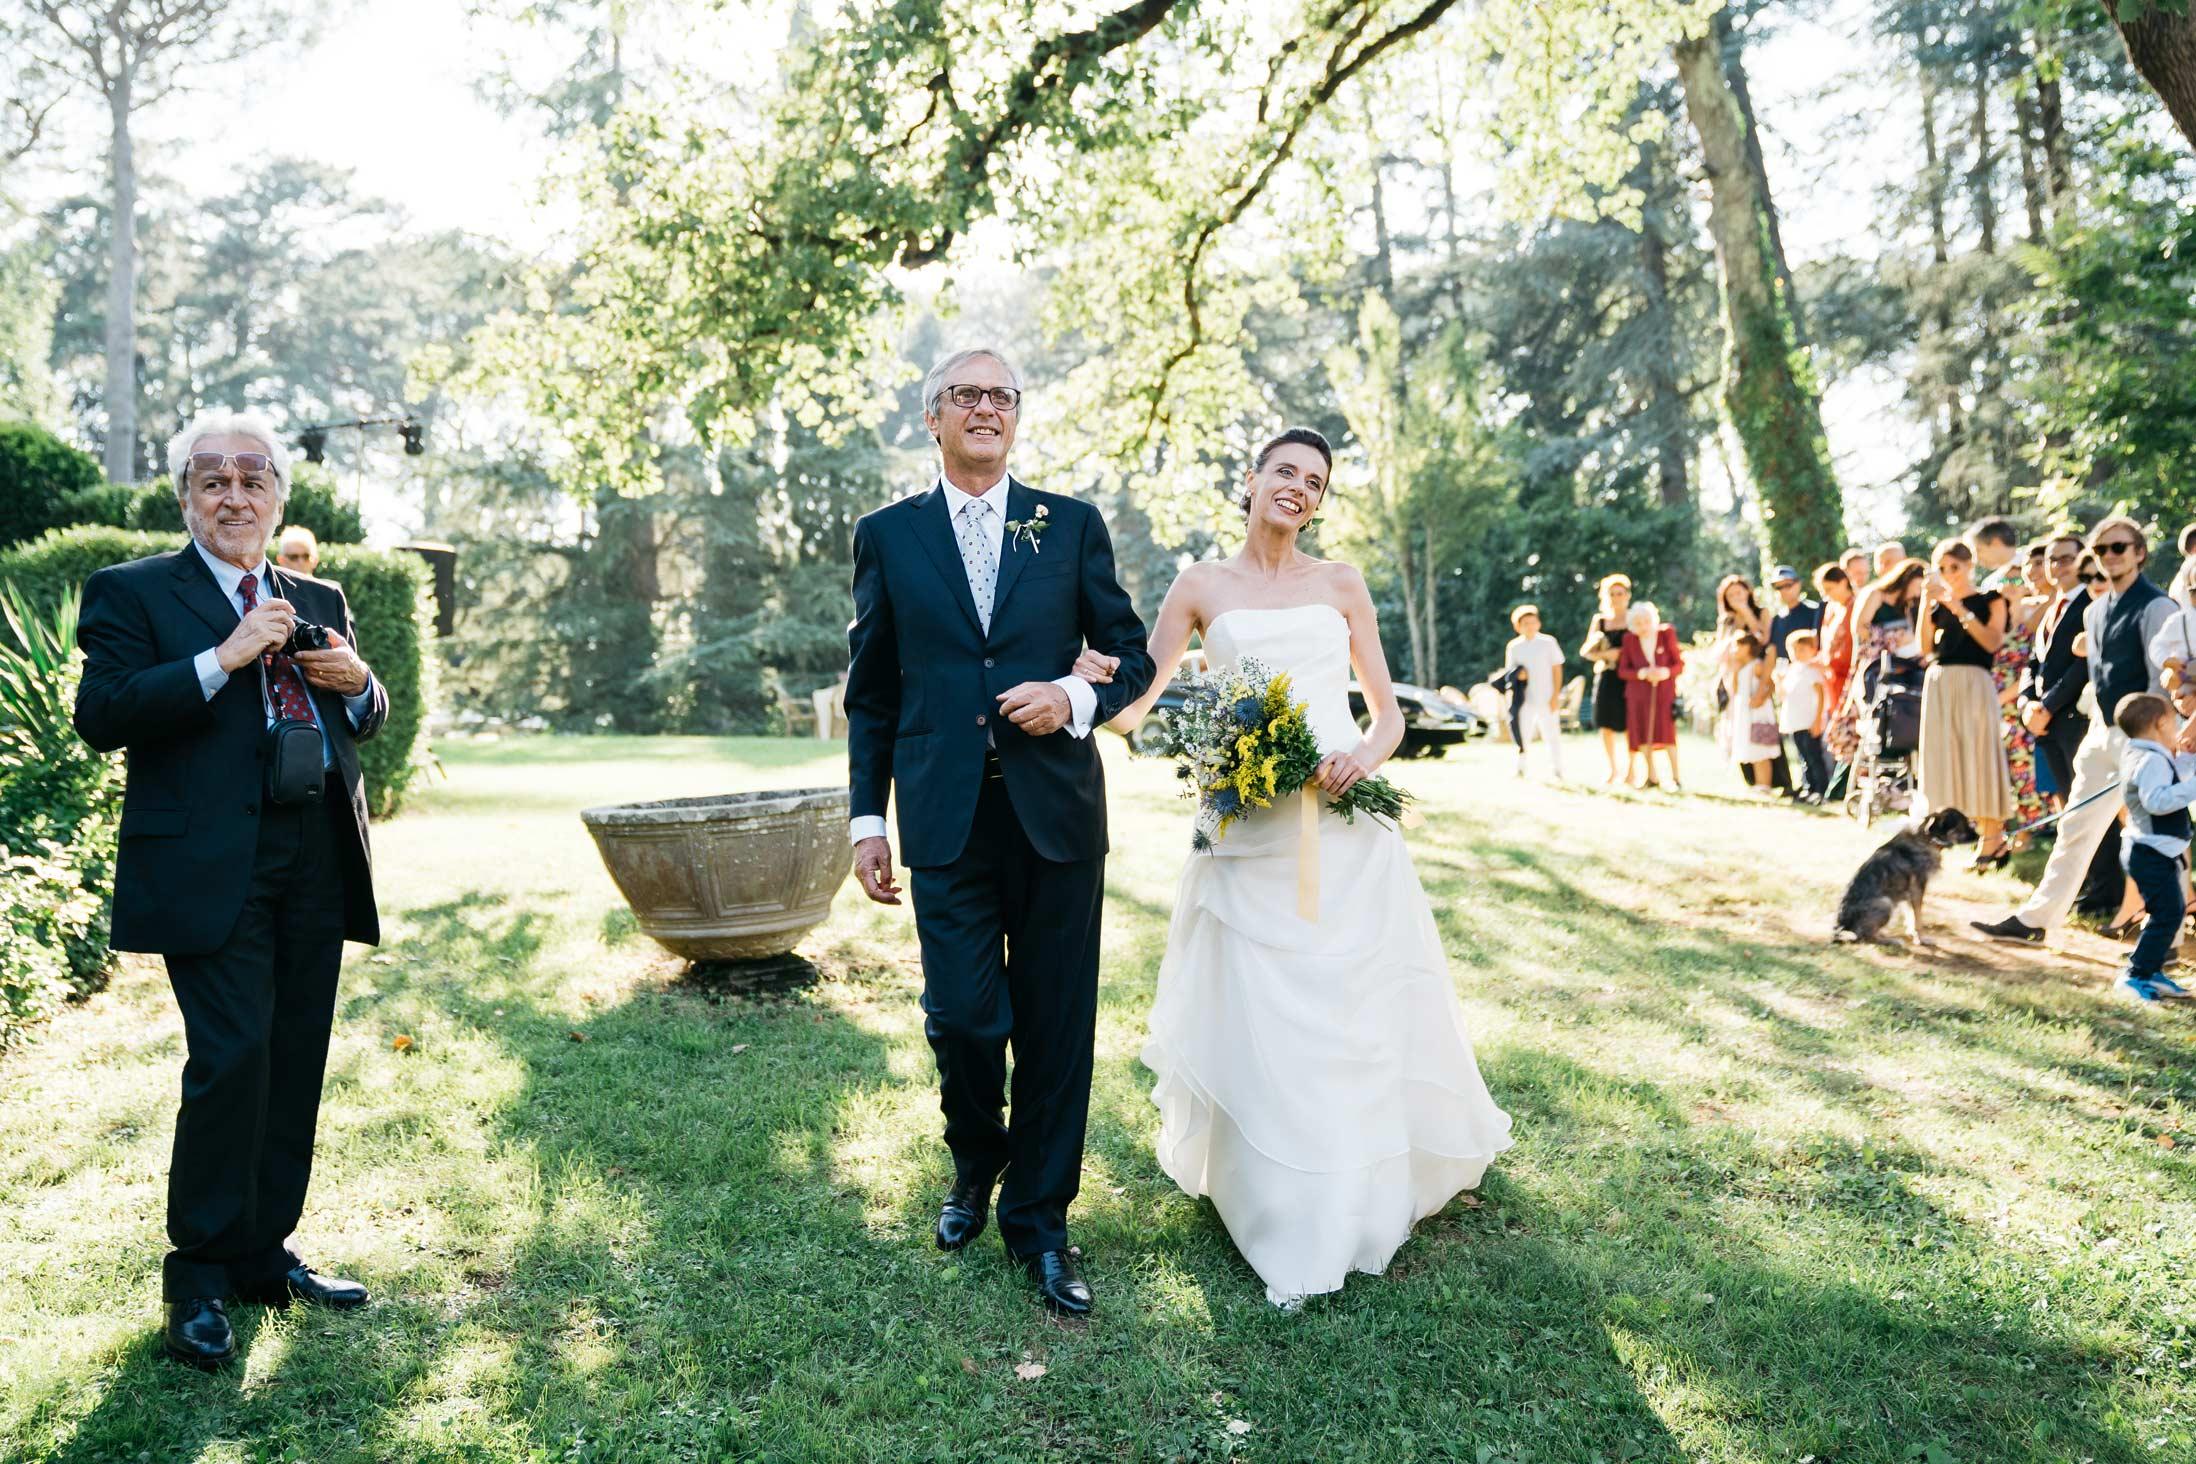 Fotoreportage-Di-Matrimonio-Fotografi-Matrimonio-Roma-L&F